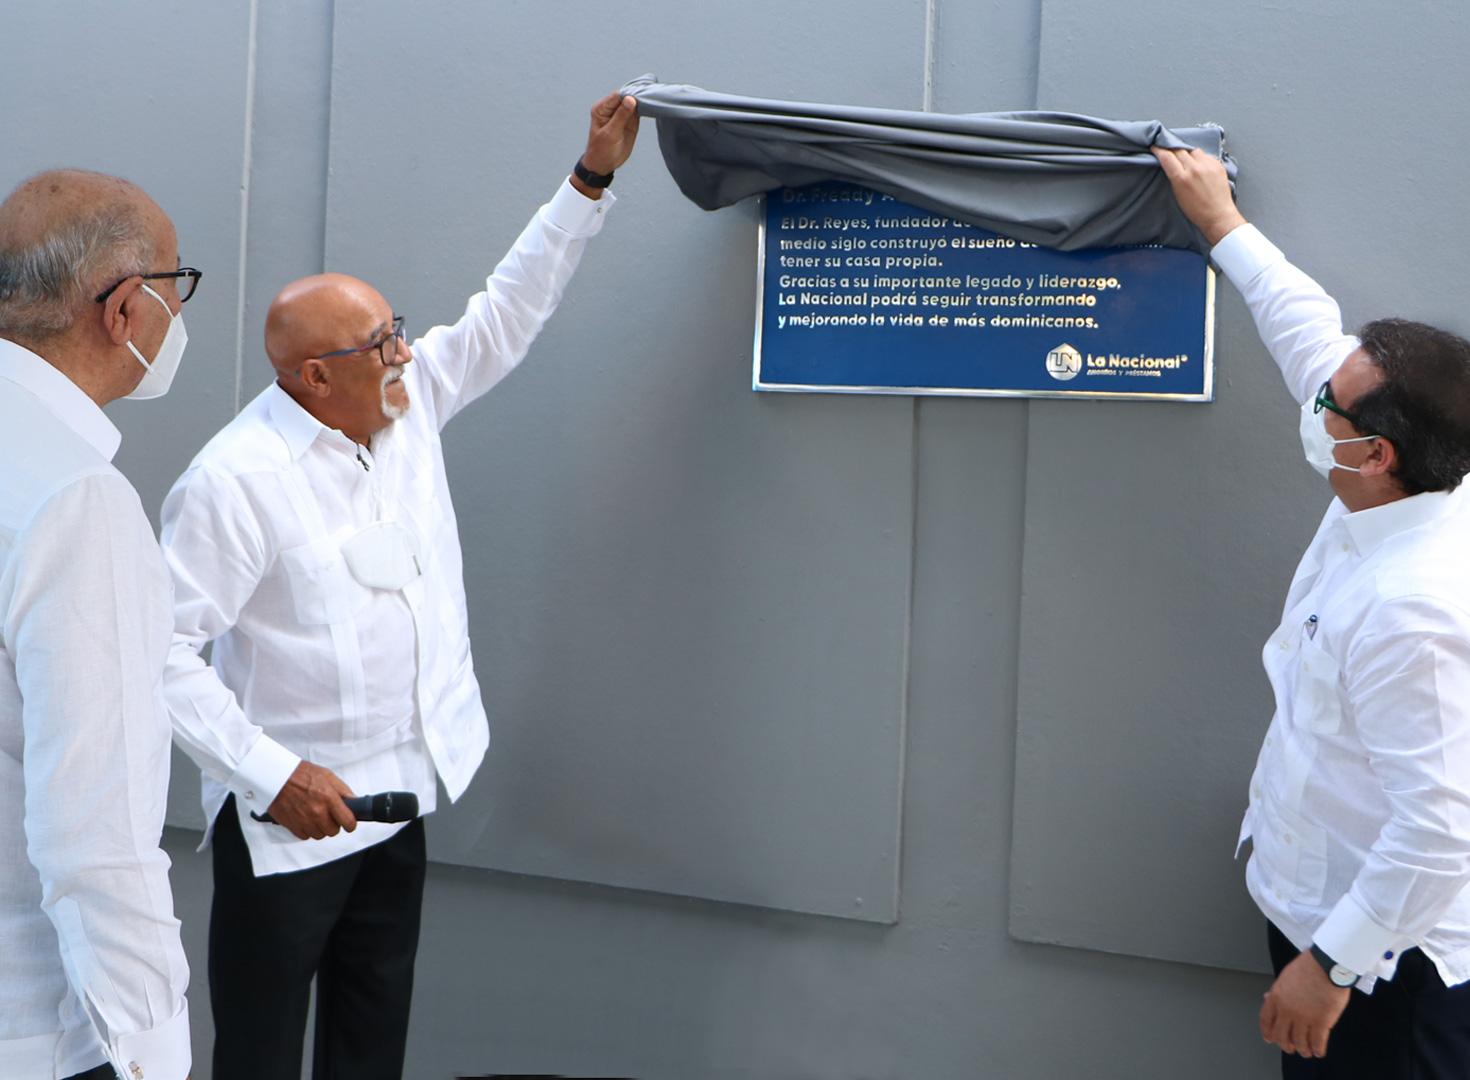 La Nacional rinde homenaje a su fundador y bautiza edificio principal con el nombre de  Dr. Freddy A. Reyes Pérez.